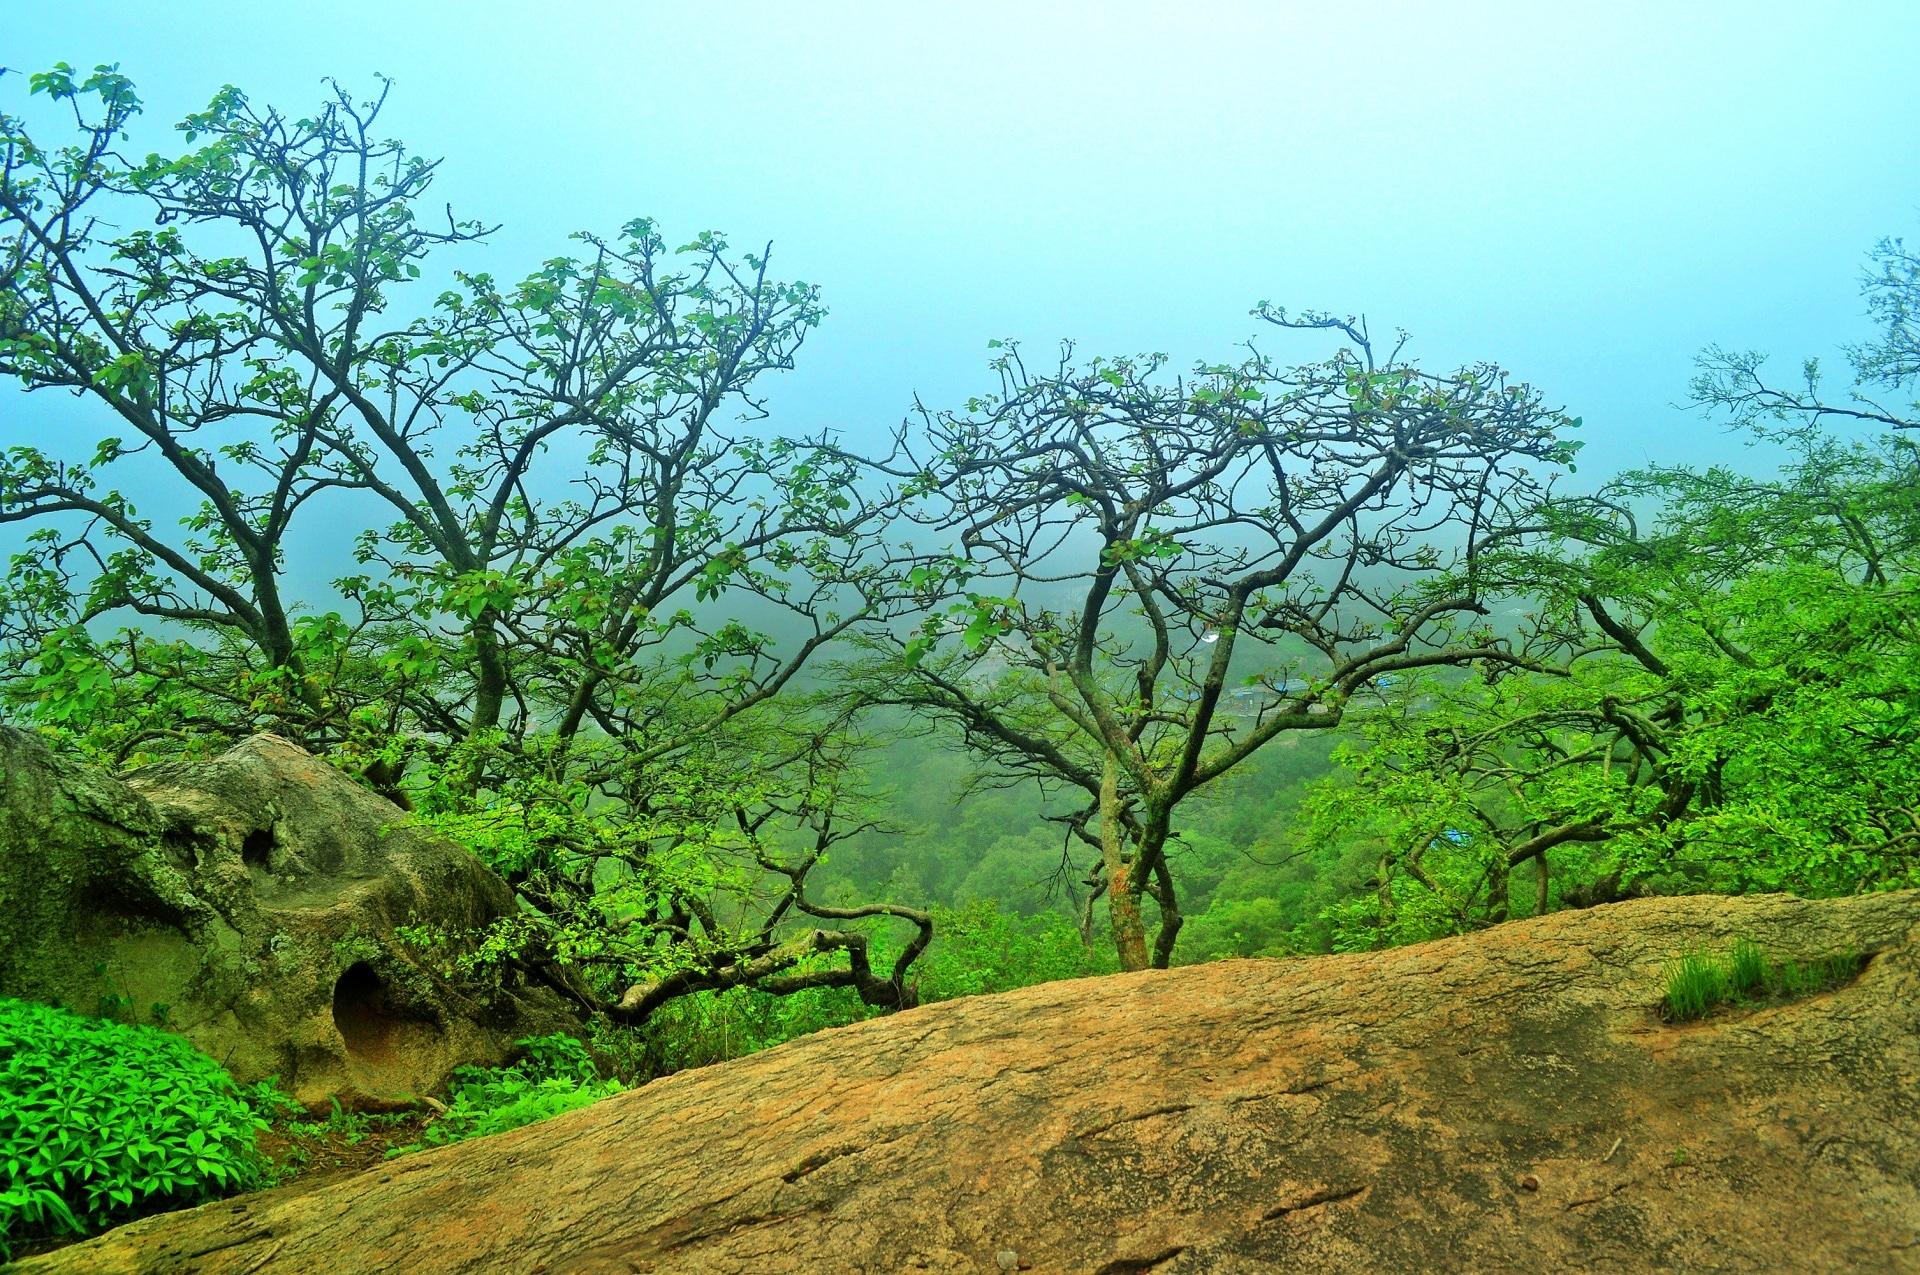 El bosque monzónico es un bosque estacional